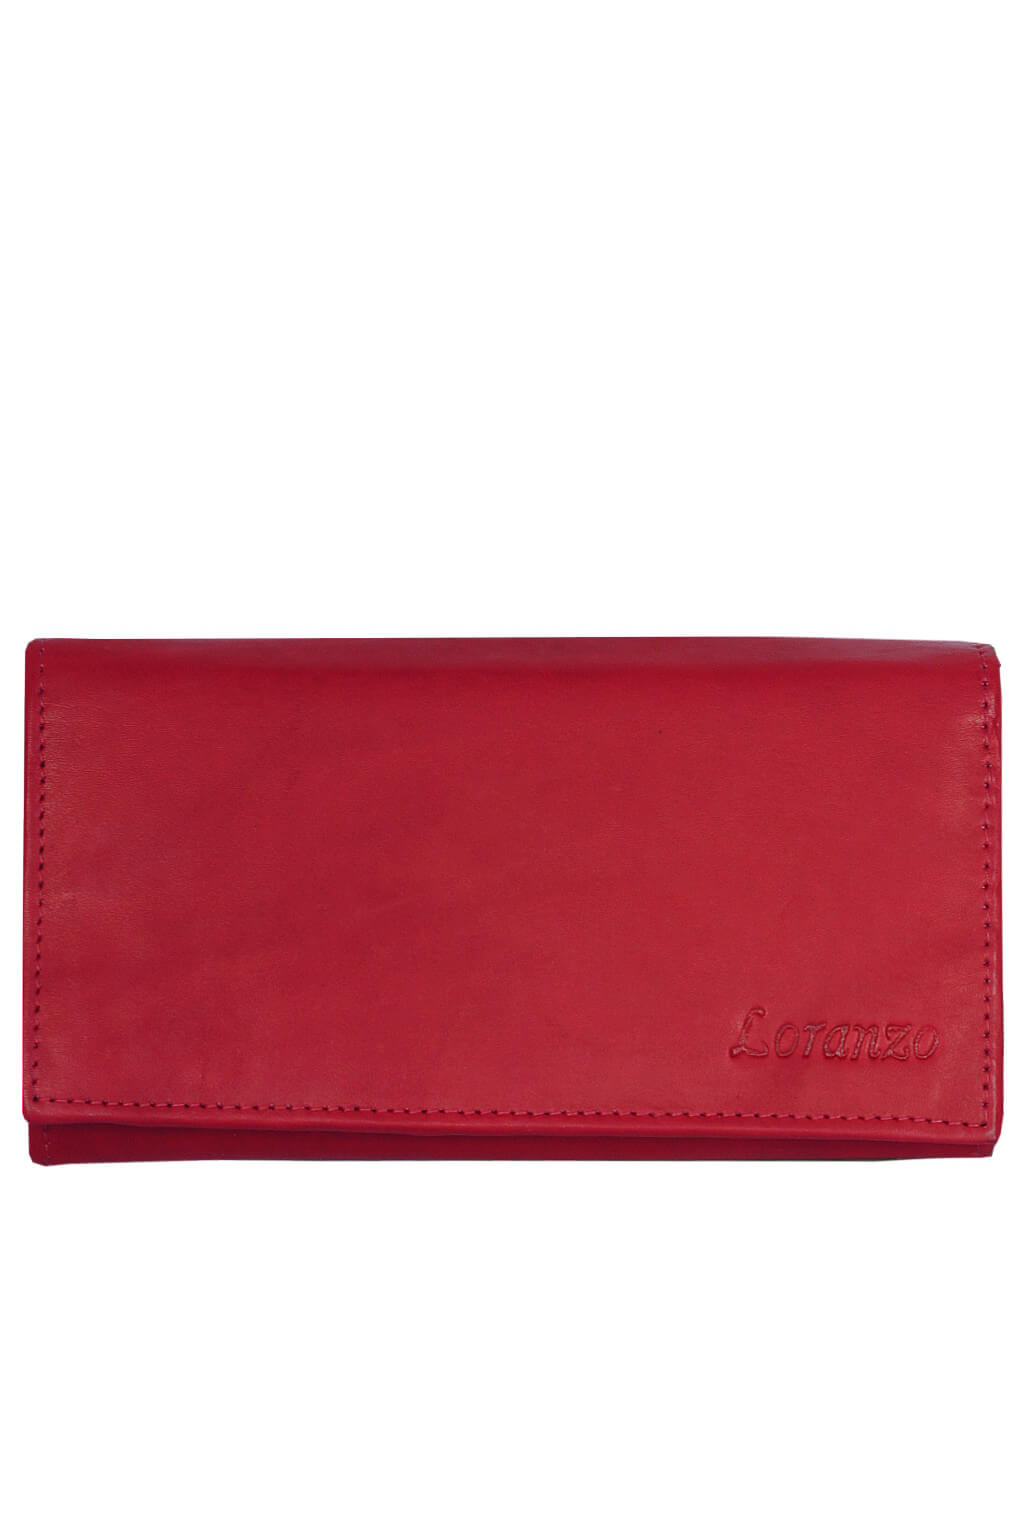 Lancome Red dámská peněženka červená 766e4c46289